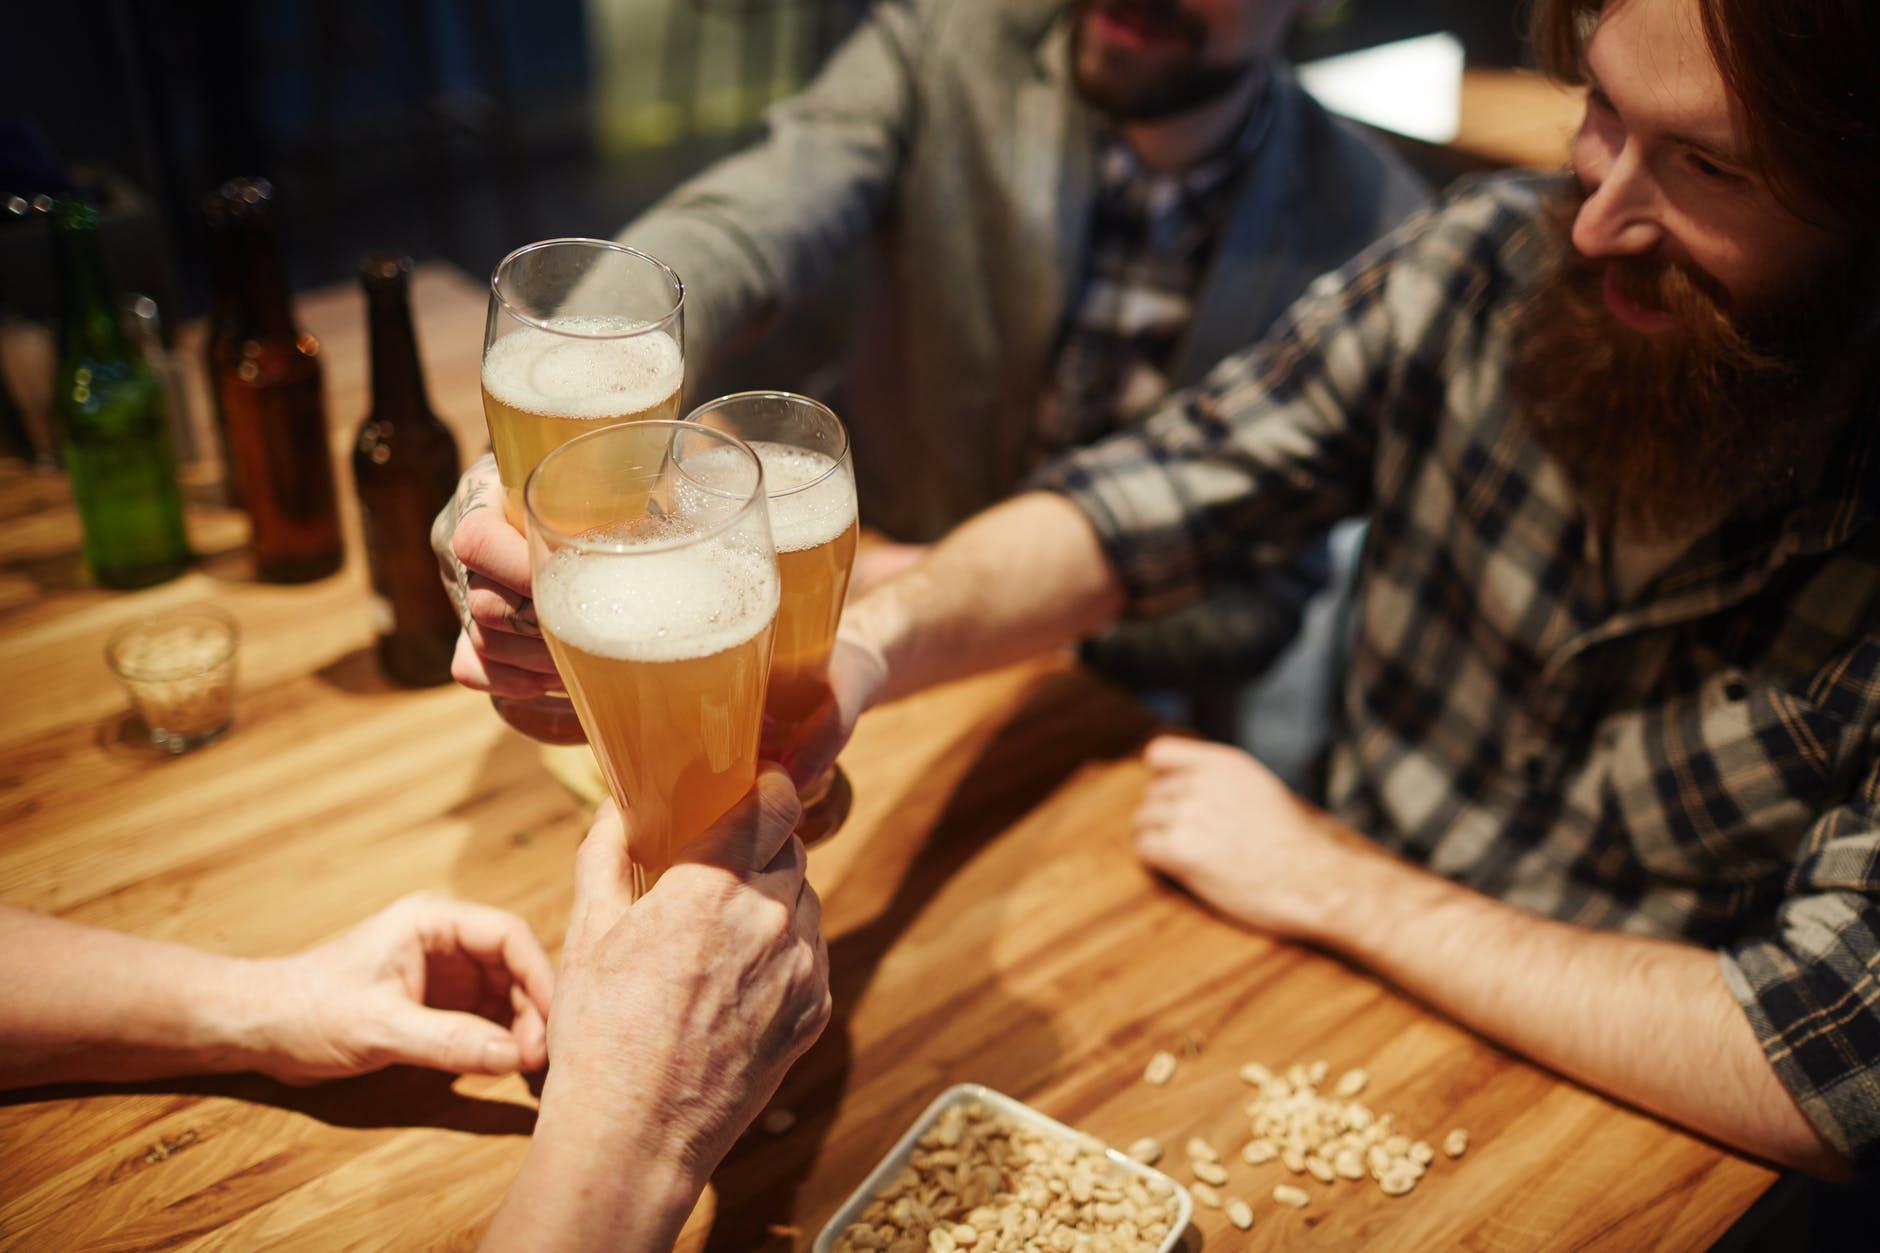 men toasting at a bar